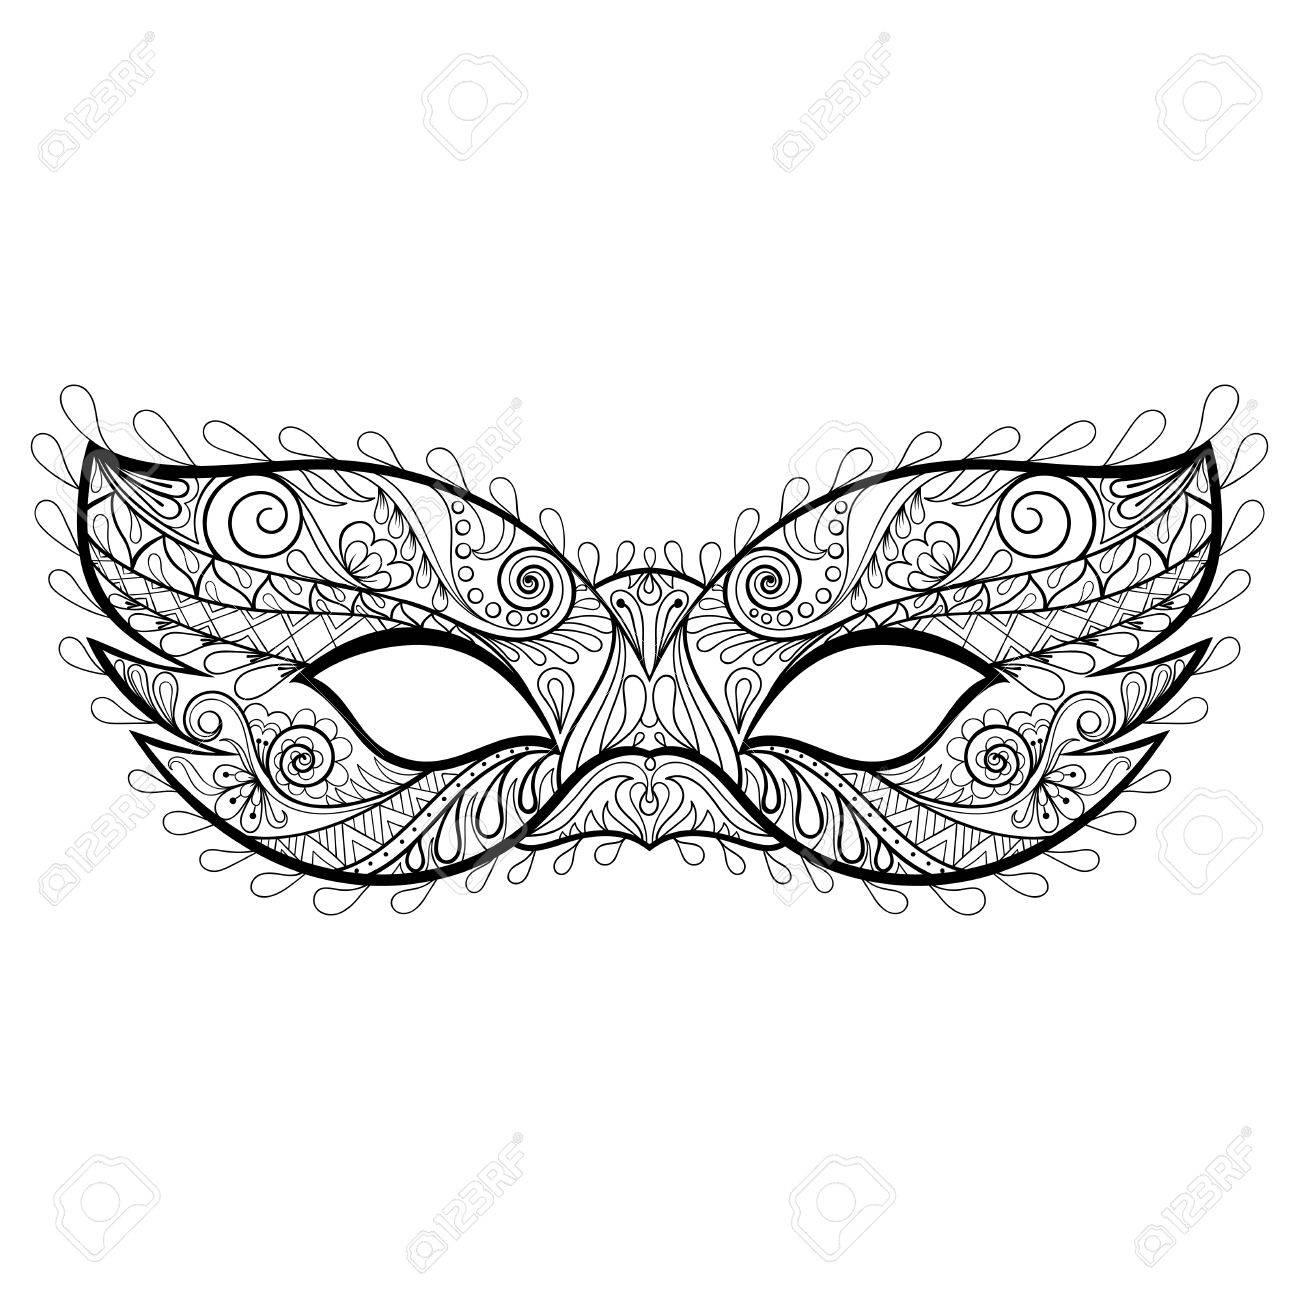 Gemütlich Maske Druckbare Vorlage Bilder - Entry Level Resume ...